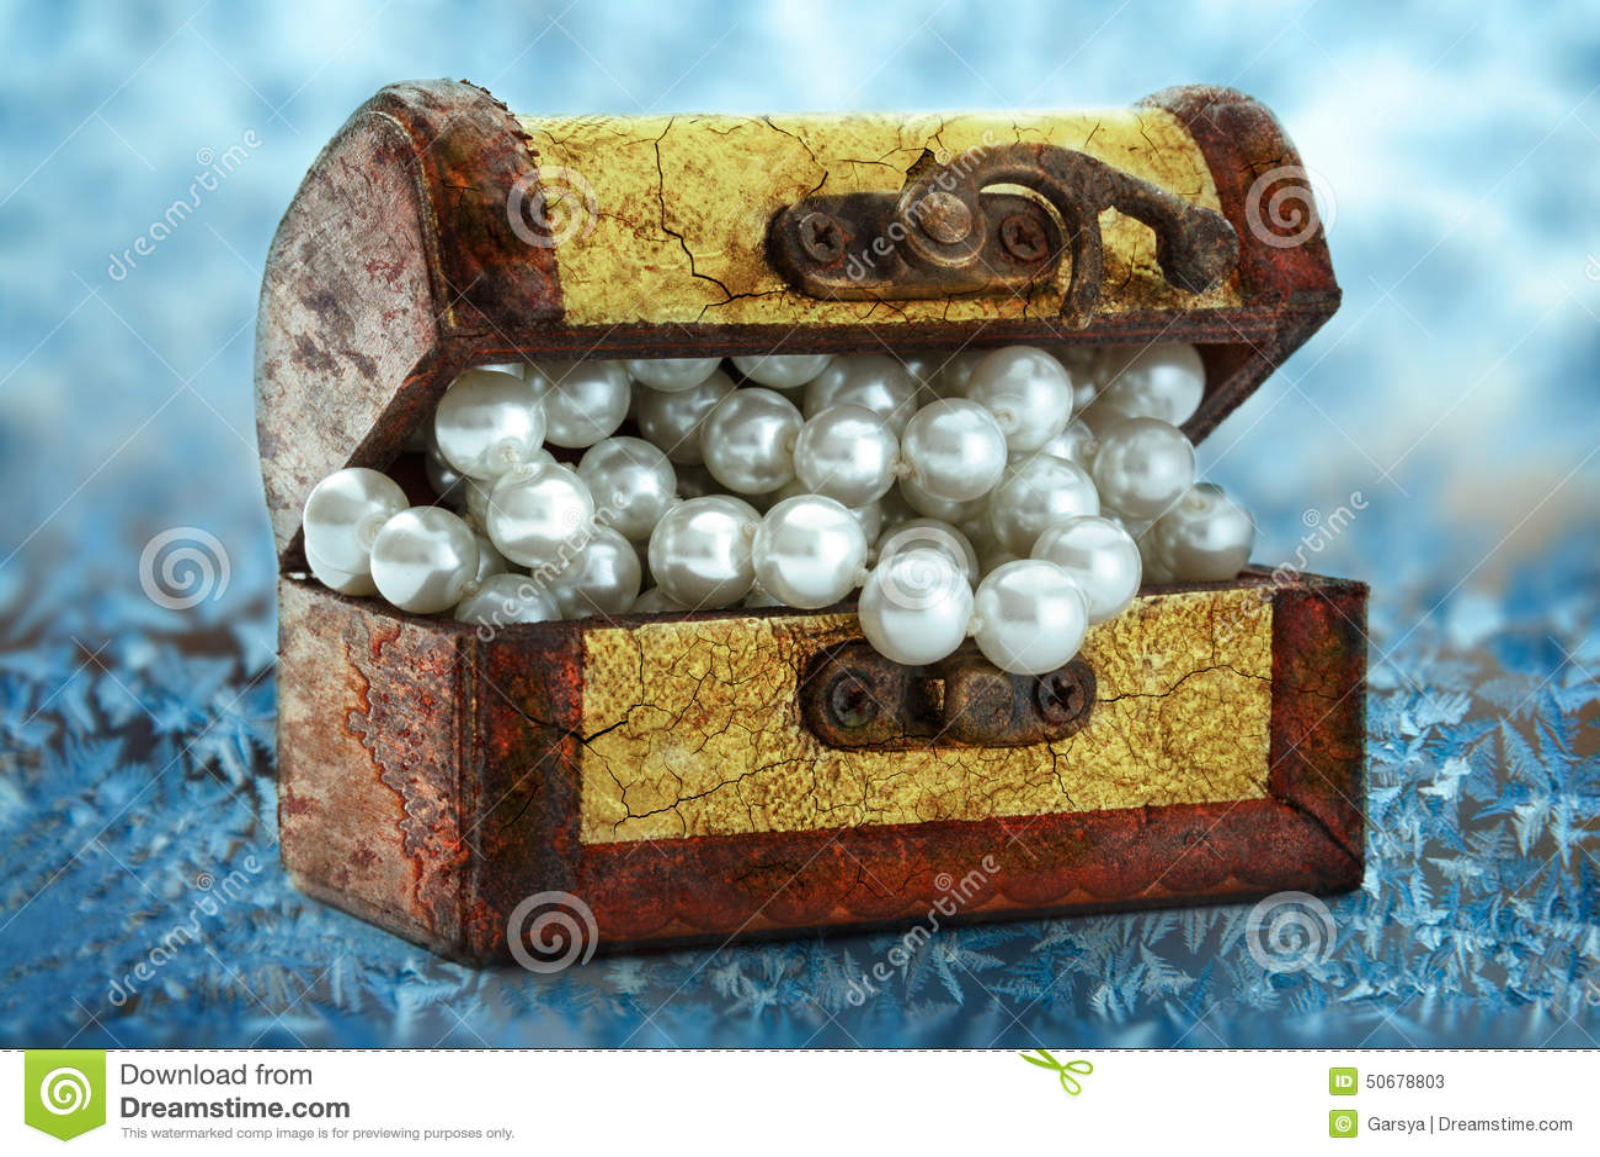 Download 与白色珍珠项链的木胸口 库存图片. 图片 包括有 礼品, 灰白, 锁定, 金黄, 特写镜头, 宝石, 装饰 - 50678803